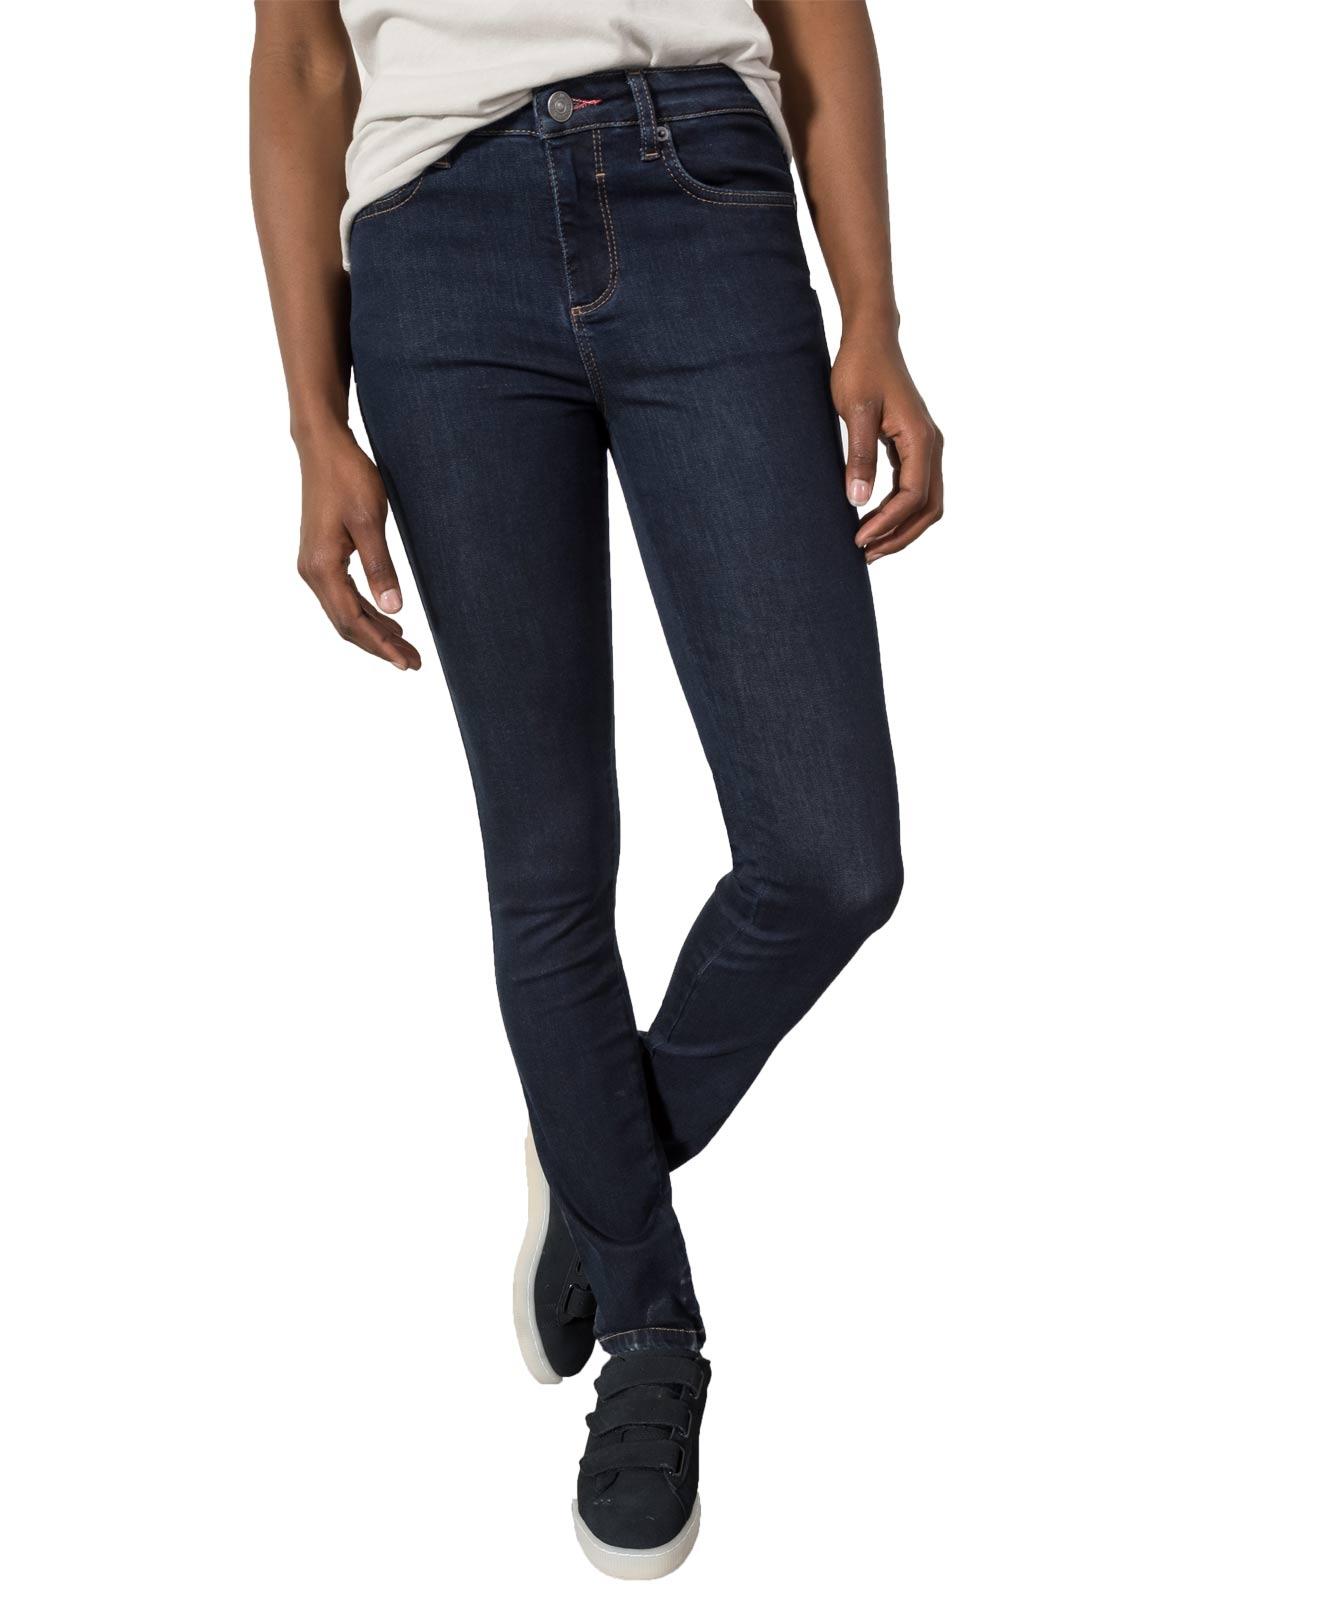 Hosen für Frauen - HIS MARYLIN Jeans Slim Fit Rinse Wash  - Onlineshop Jeans Meile